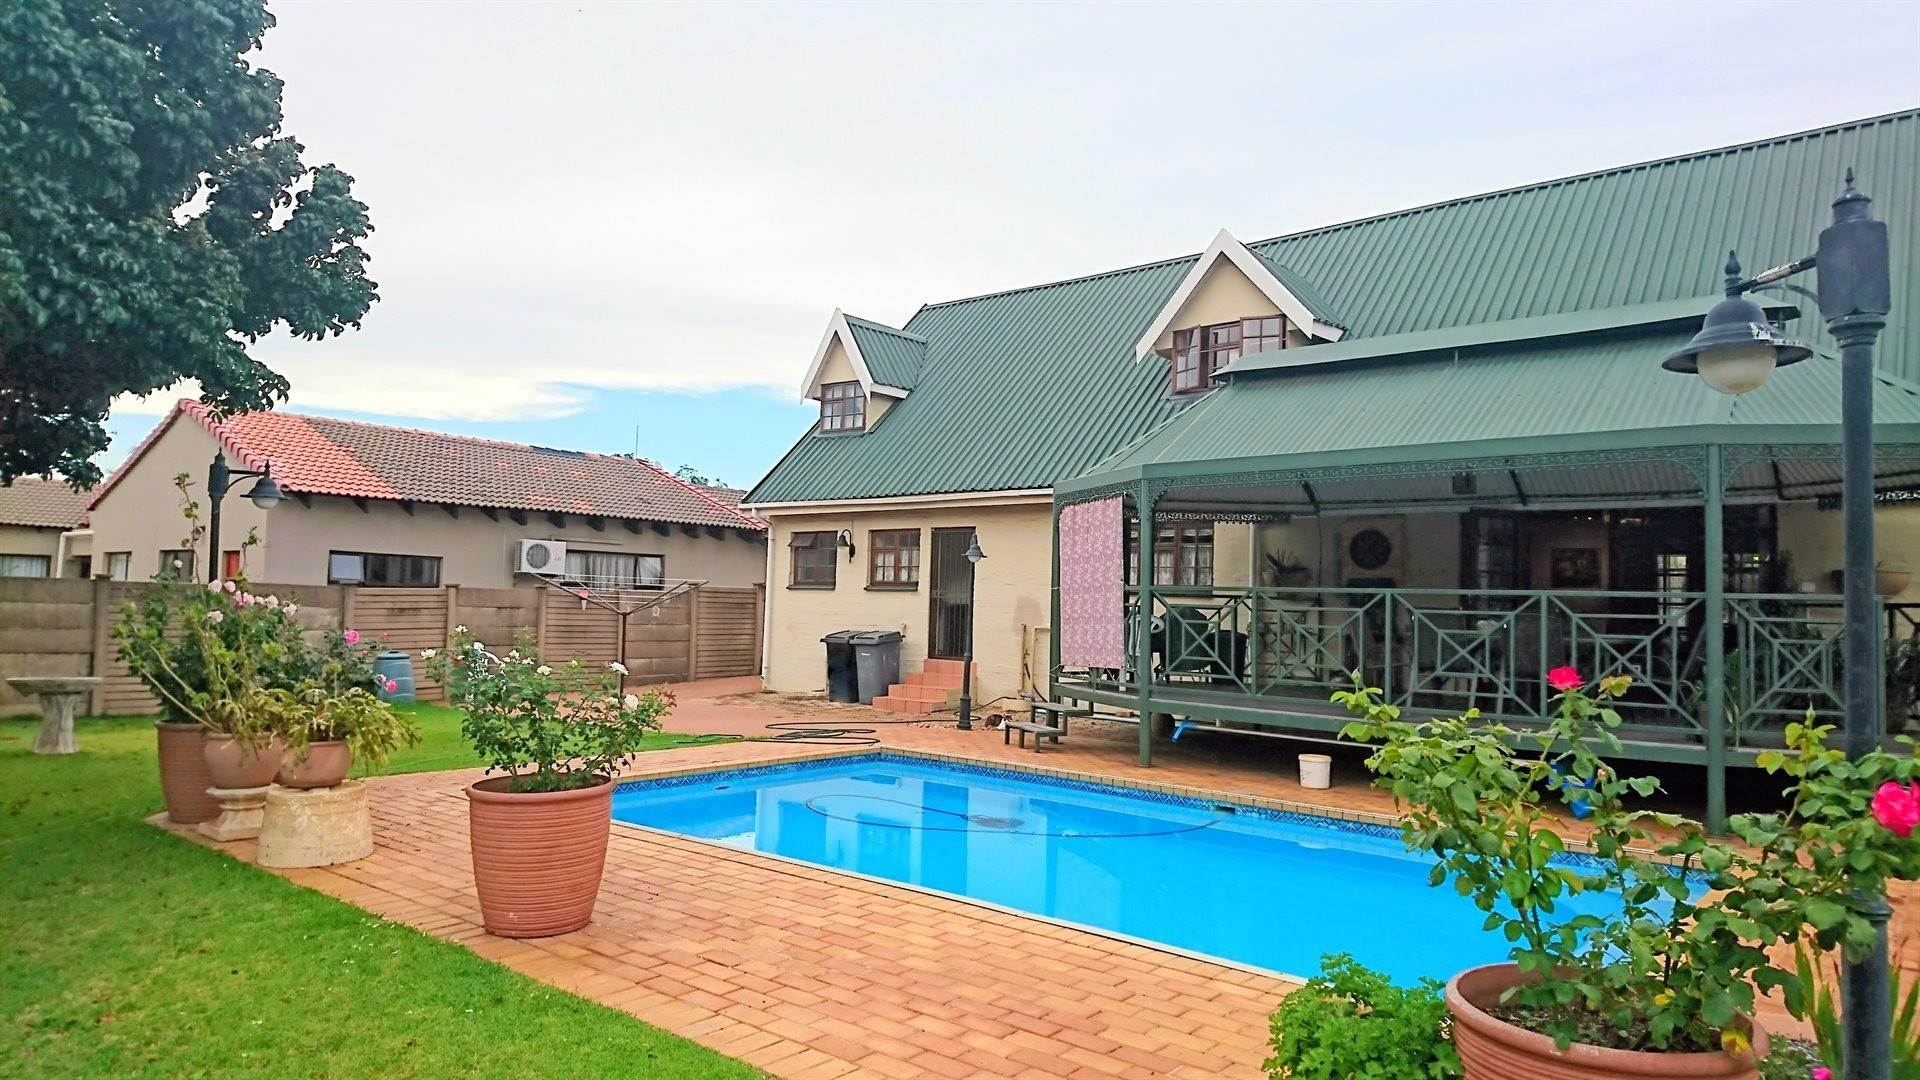 Akasia, Amandasig Property  | Houses For Sale Amandasig, AMANDASIG, House 4 bedrooms property for sale Price:1,320,000